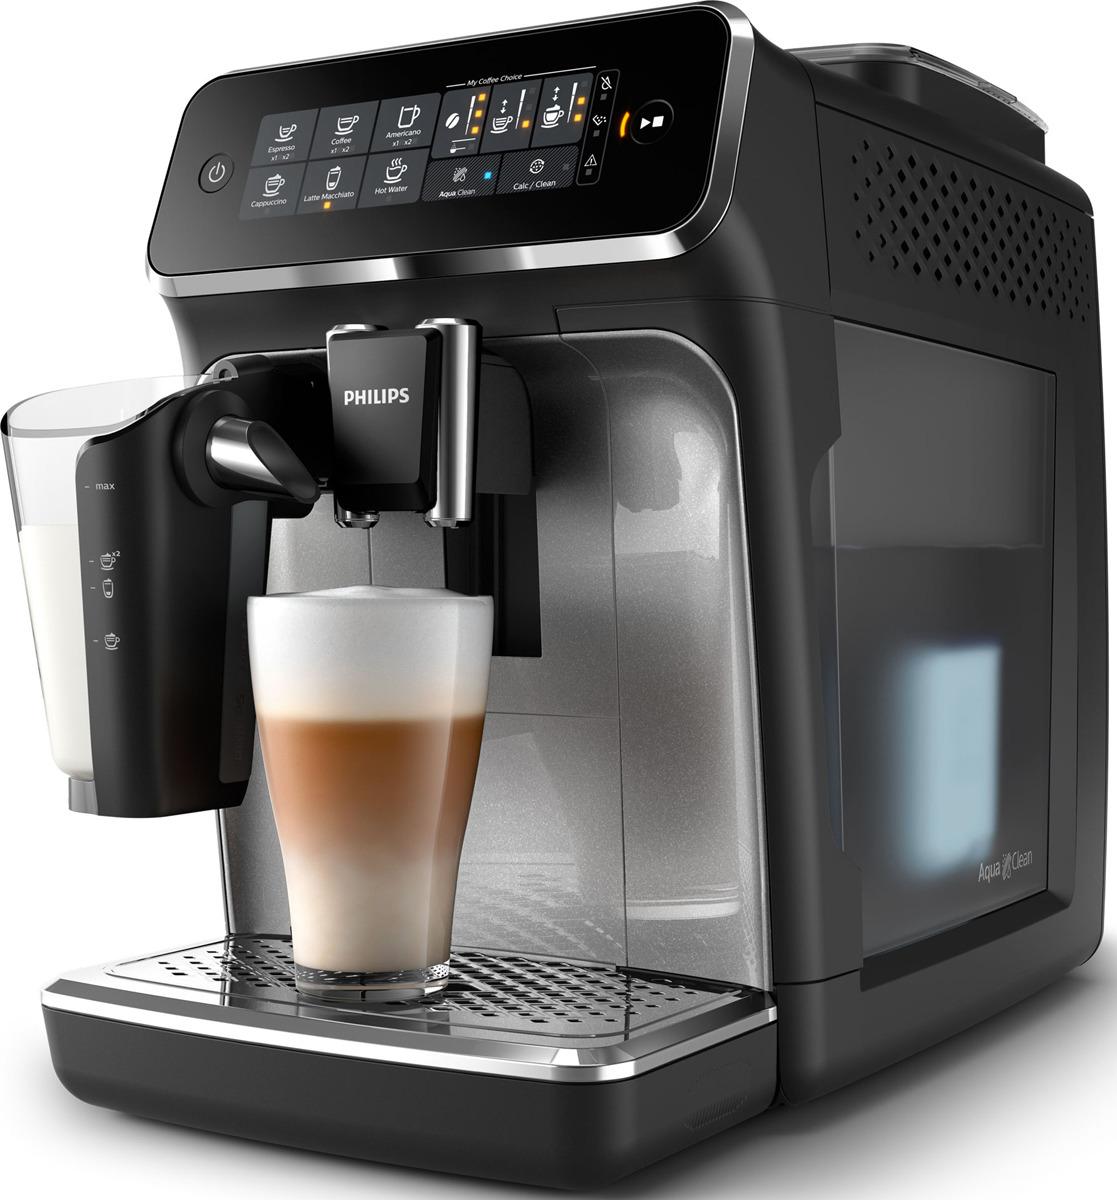 удобная кофемашина с автоматическим капучинатором